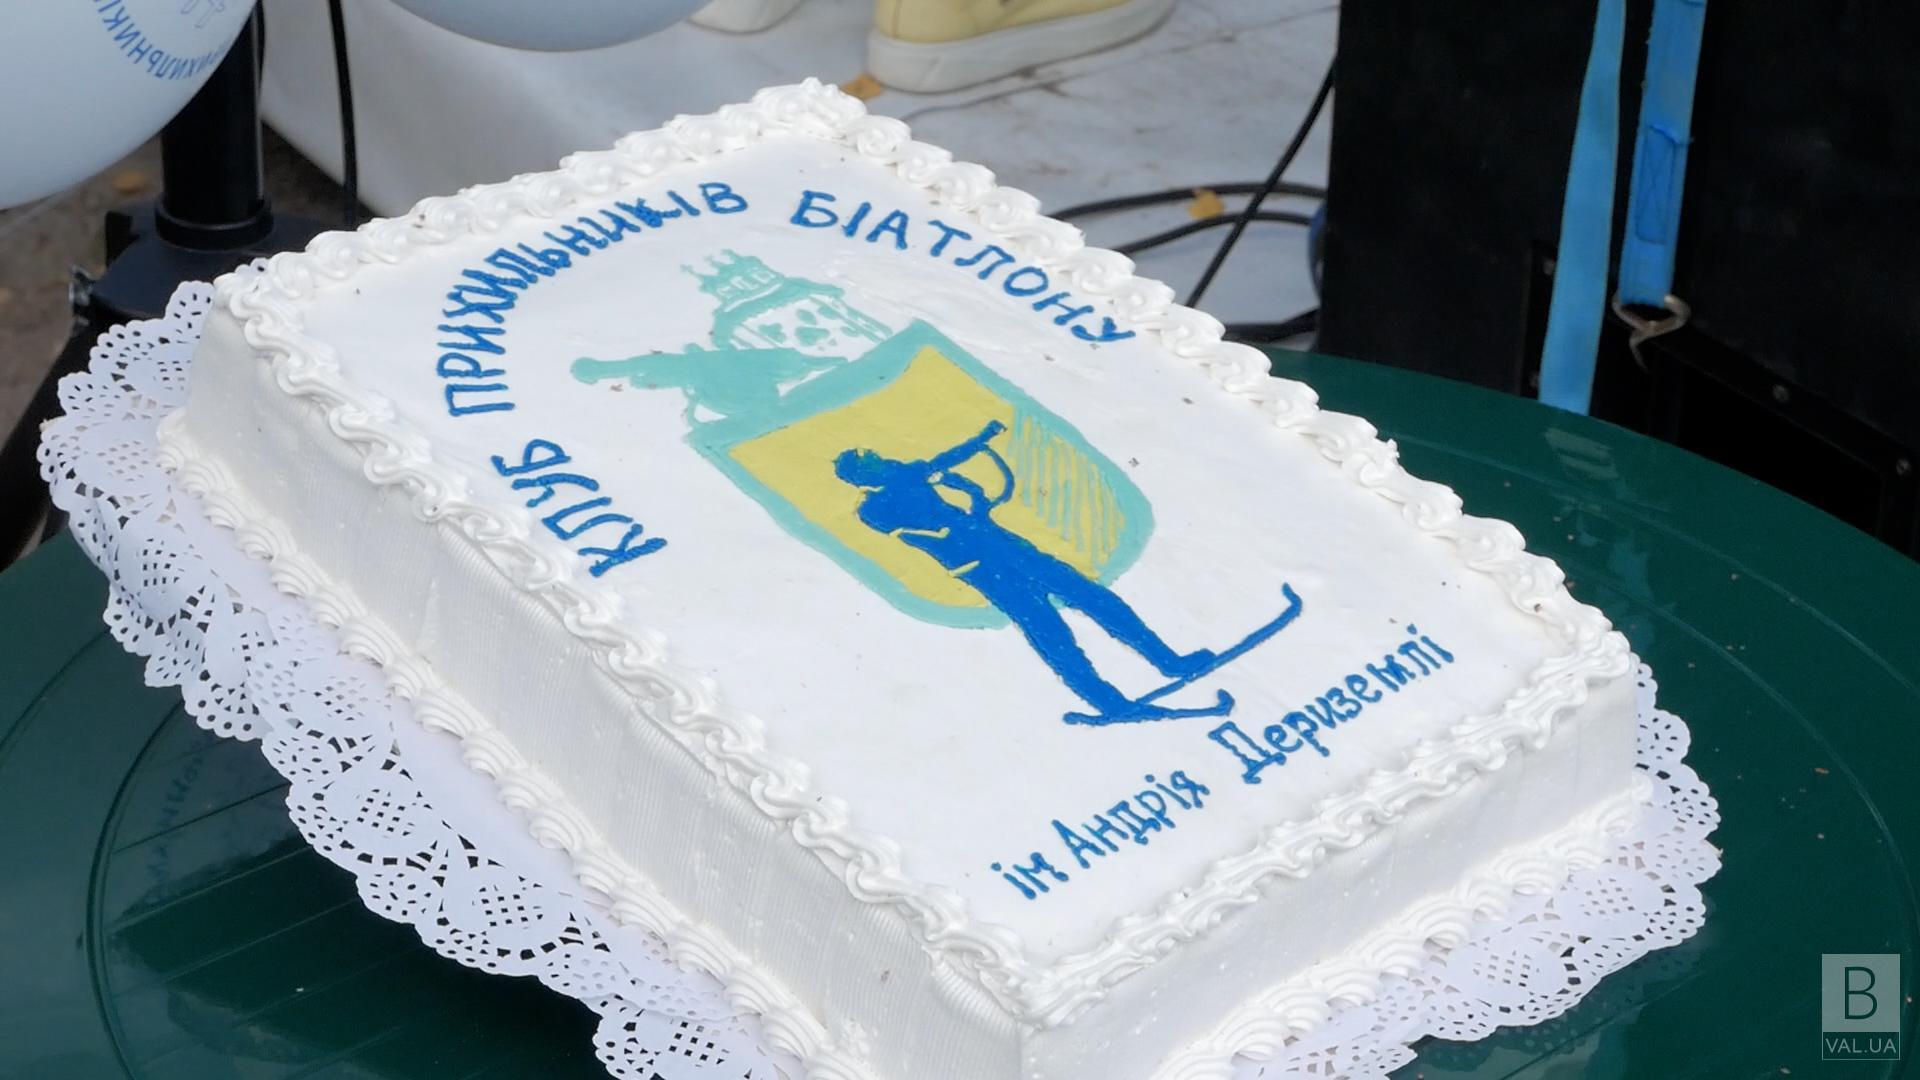 Клуб прихильників біатлону імені Андрія Дериземлі відзначив у Чернігові 10-річний ювілей ВІДЕО